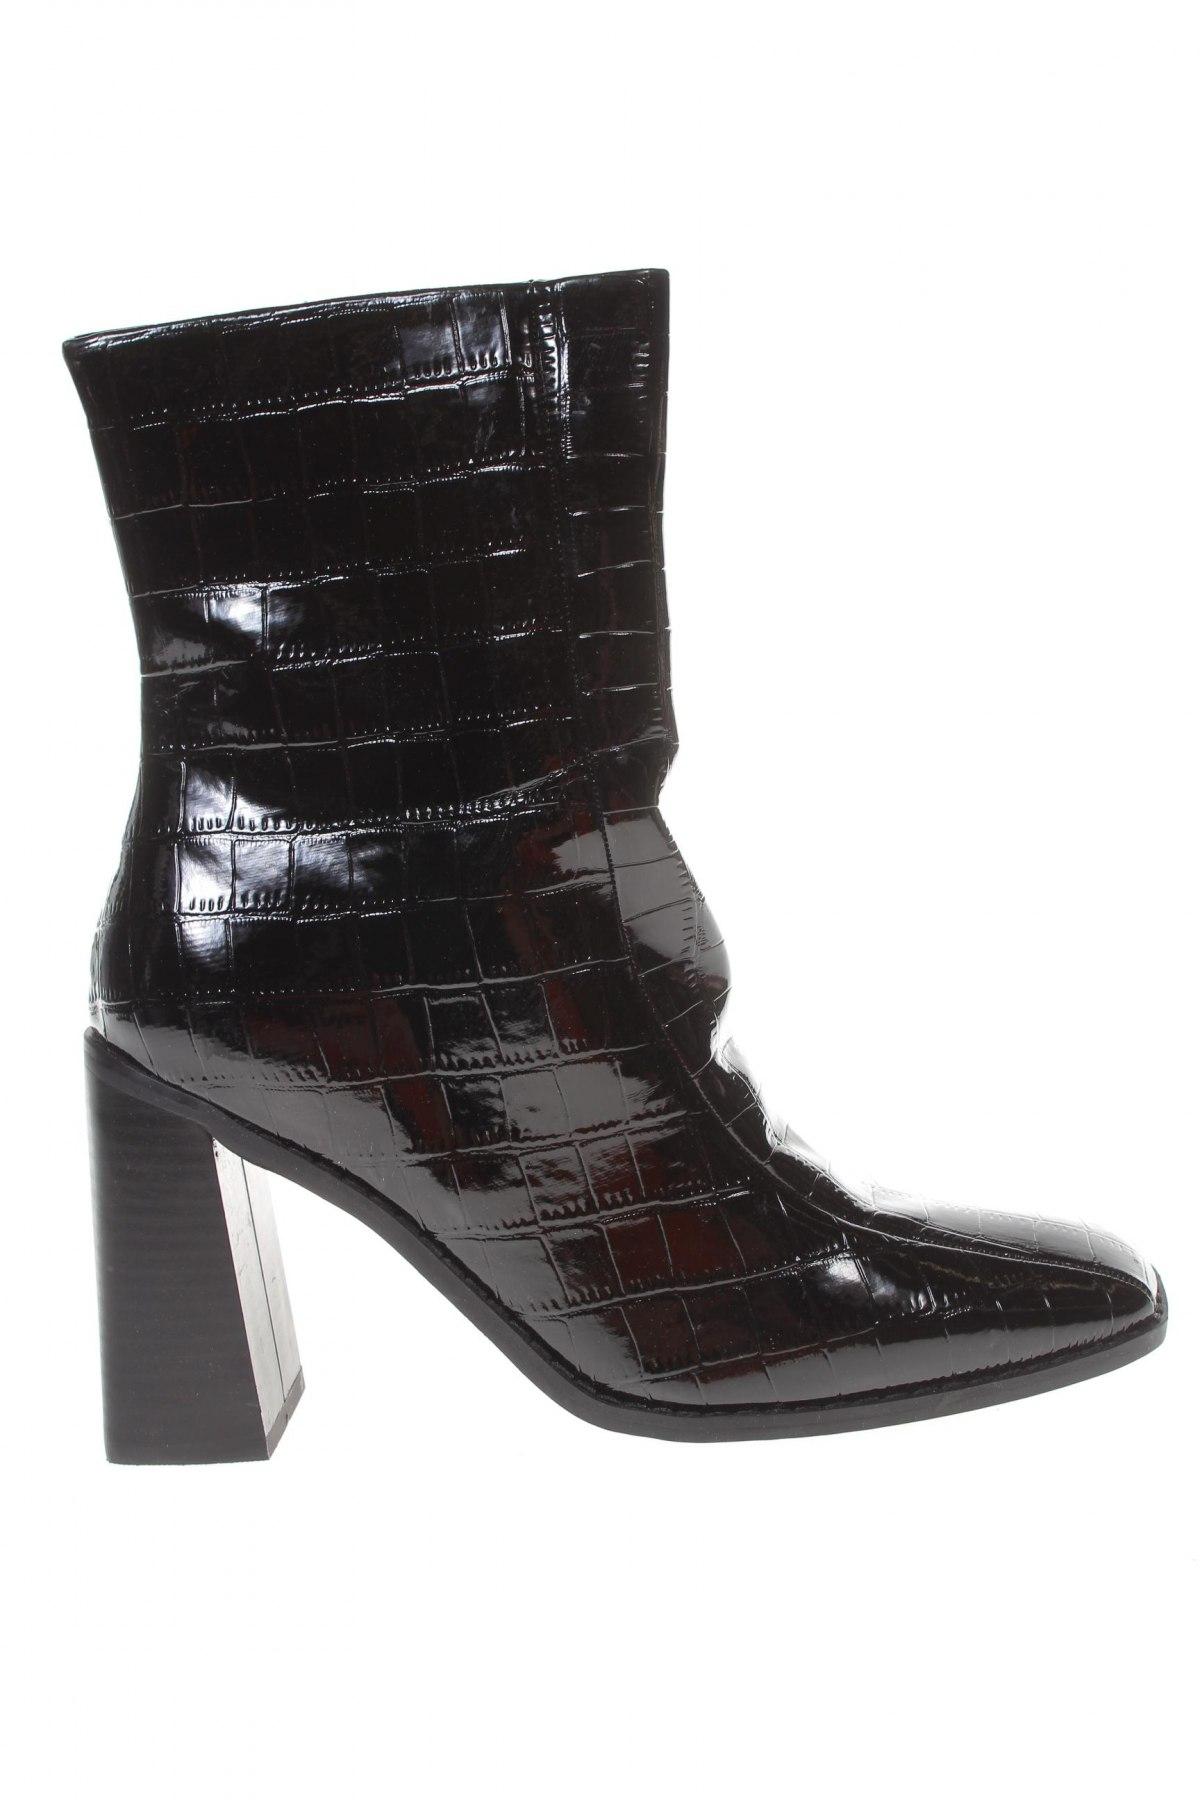 Дамски боти Boohoo, Размер 39, Цвят Черен, Еко кожа, Цена 13,80лв.